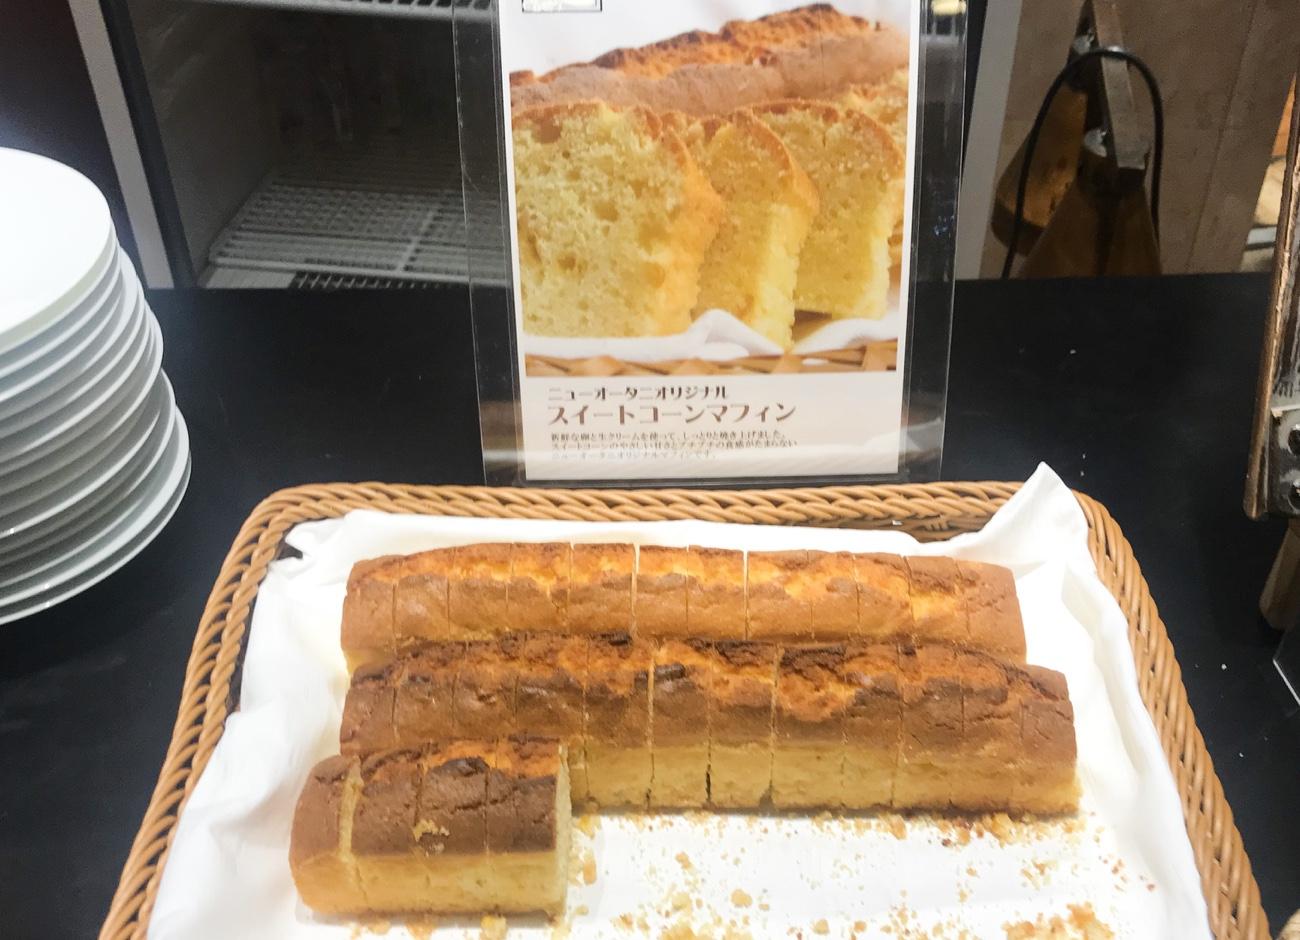 スイートコーンマフィン ニューオータニイン札幌 朝食 レポートブログ